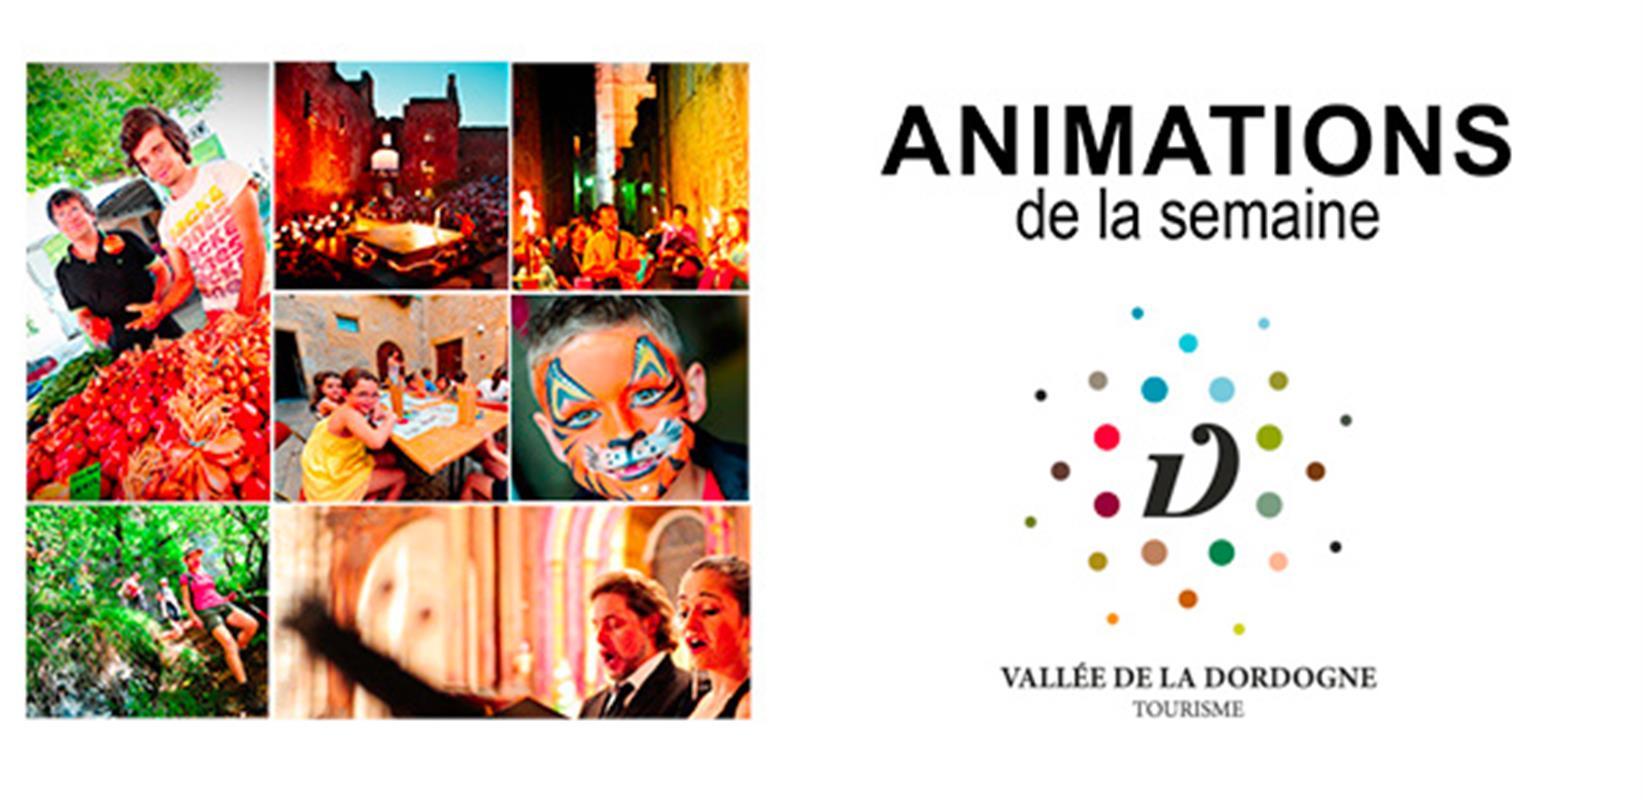 Animations alentours activit s touristiques et de - Office de tourisme vallee de la dordogne ...